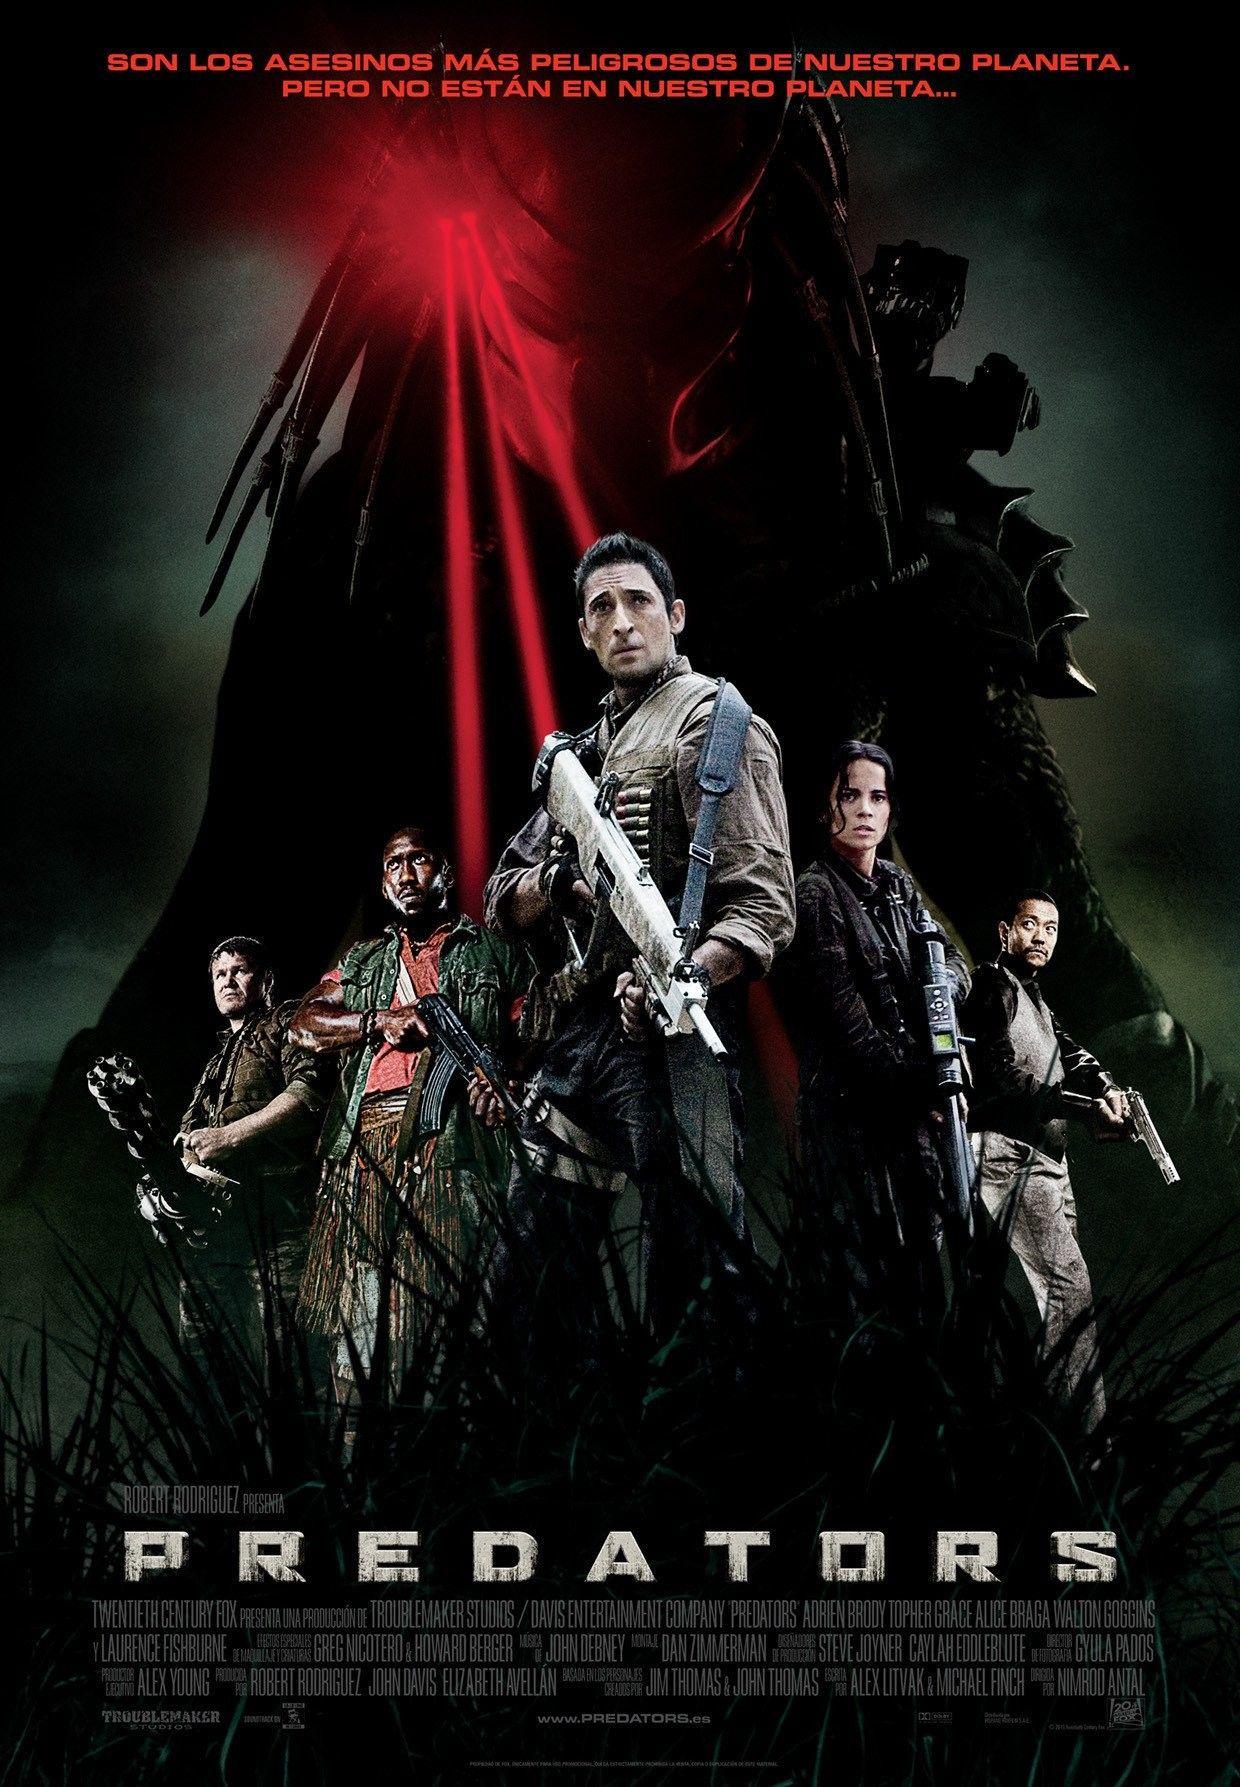 Ver Predators Online Gratis 2010 Hd Pelicula Completa Espanol Predator Movie Poster Predator Movie Predator Full Movie